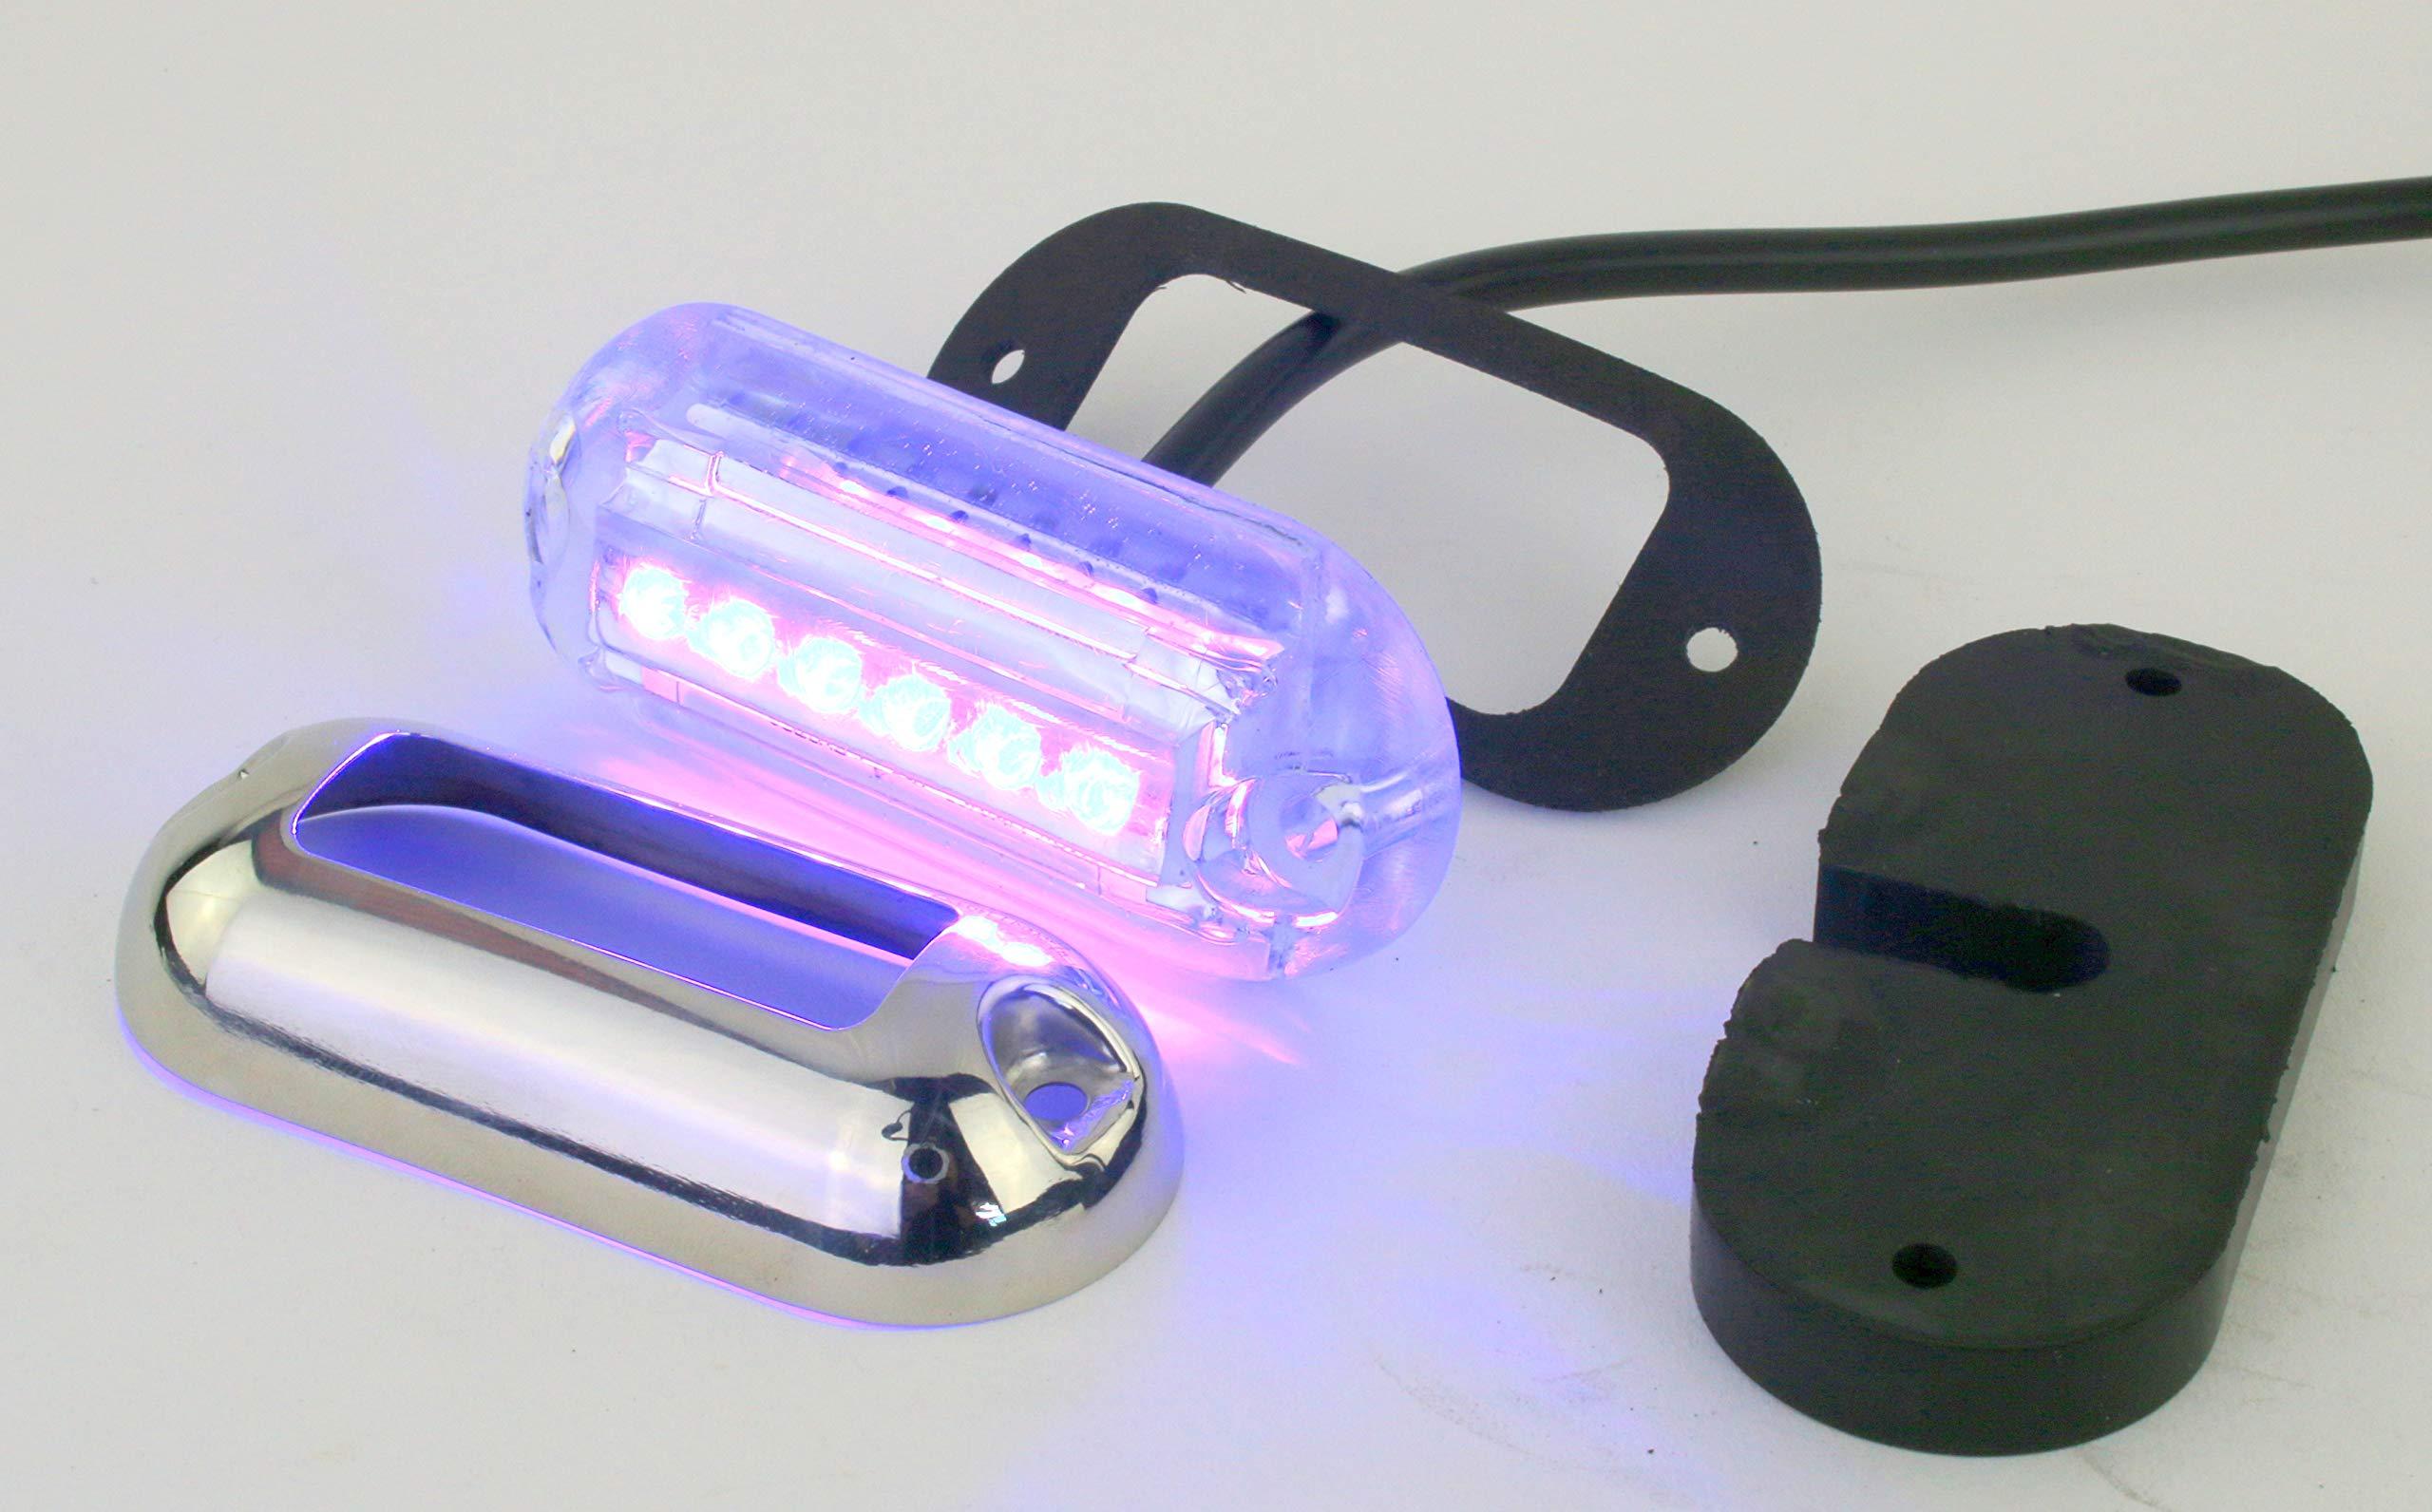 Waterproof Underwater Marine LED Pod Light - BLUE LED, Heavy duty, Waterproof 12 VDC by Pilotlights.net